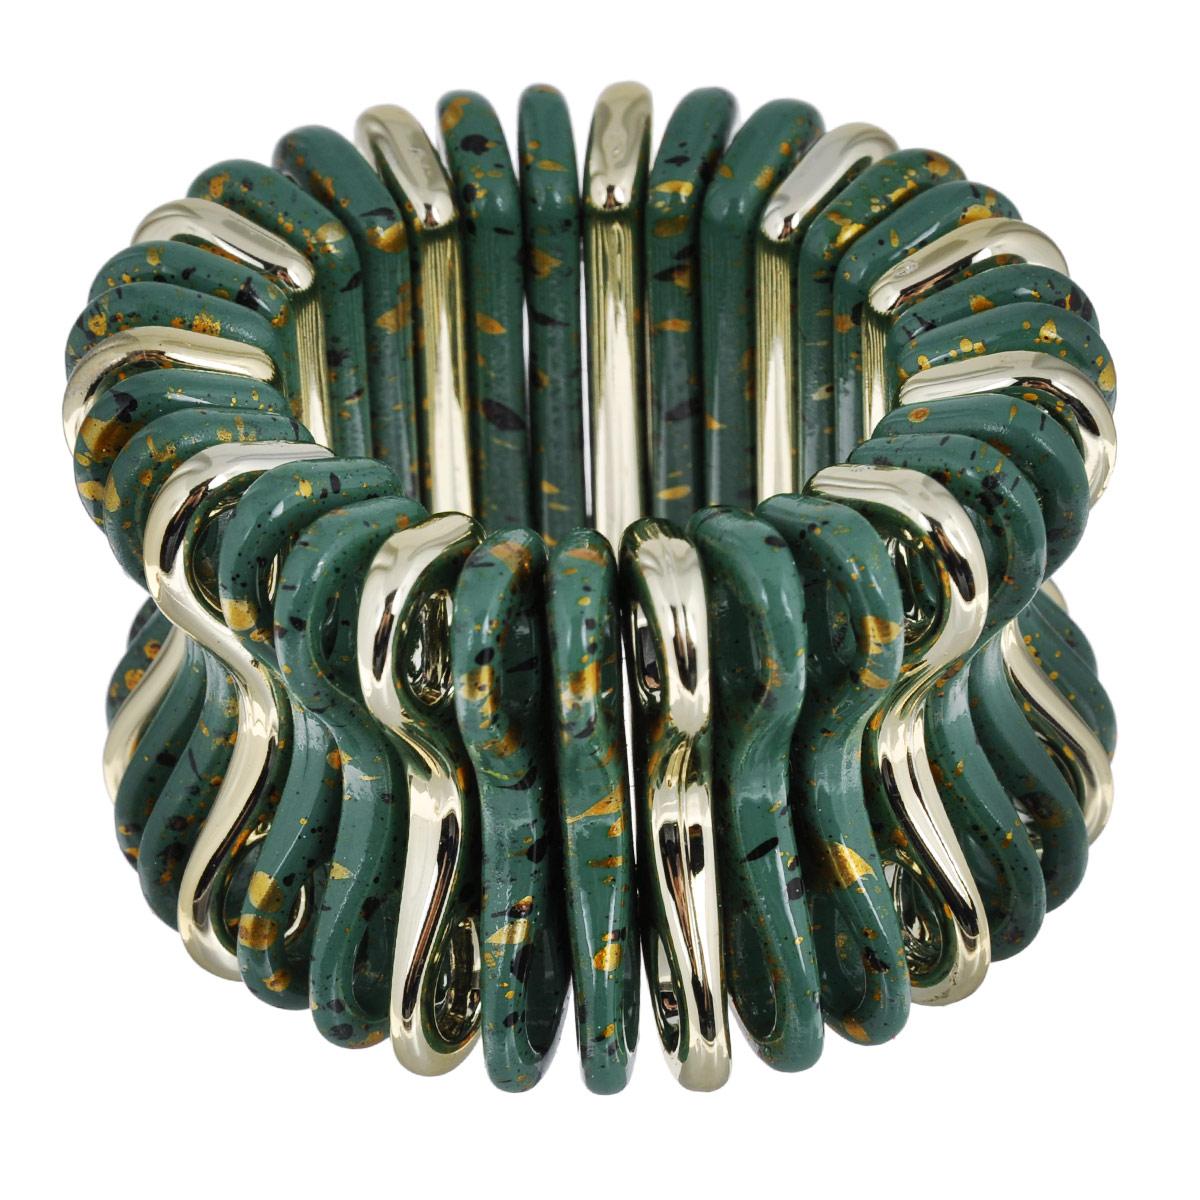 Браслет Avgad, цвет: золотистый, темно-бирюзовый. BR77KL68BR77KL68Стильный браслет Avgad выполнен в виде нанизанных на резинку элементов оригинальной вогнутой формы из ювелирного акрила. За счет основы-резинки все элементы подвижны, благодаря чему изделие идеально разместиться на запястье. Такой браслет позволит вам с легкостью воплотить самую смелую фантазию и создать собственный, неповторимый образ.